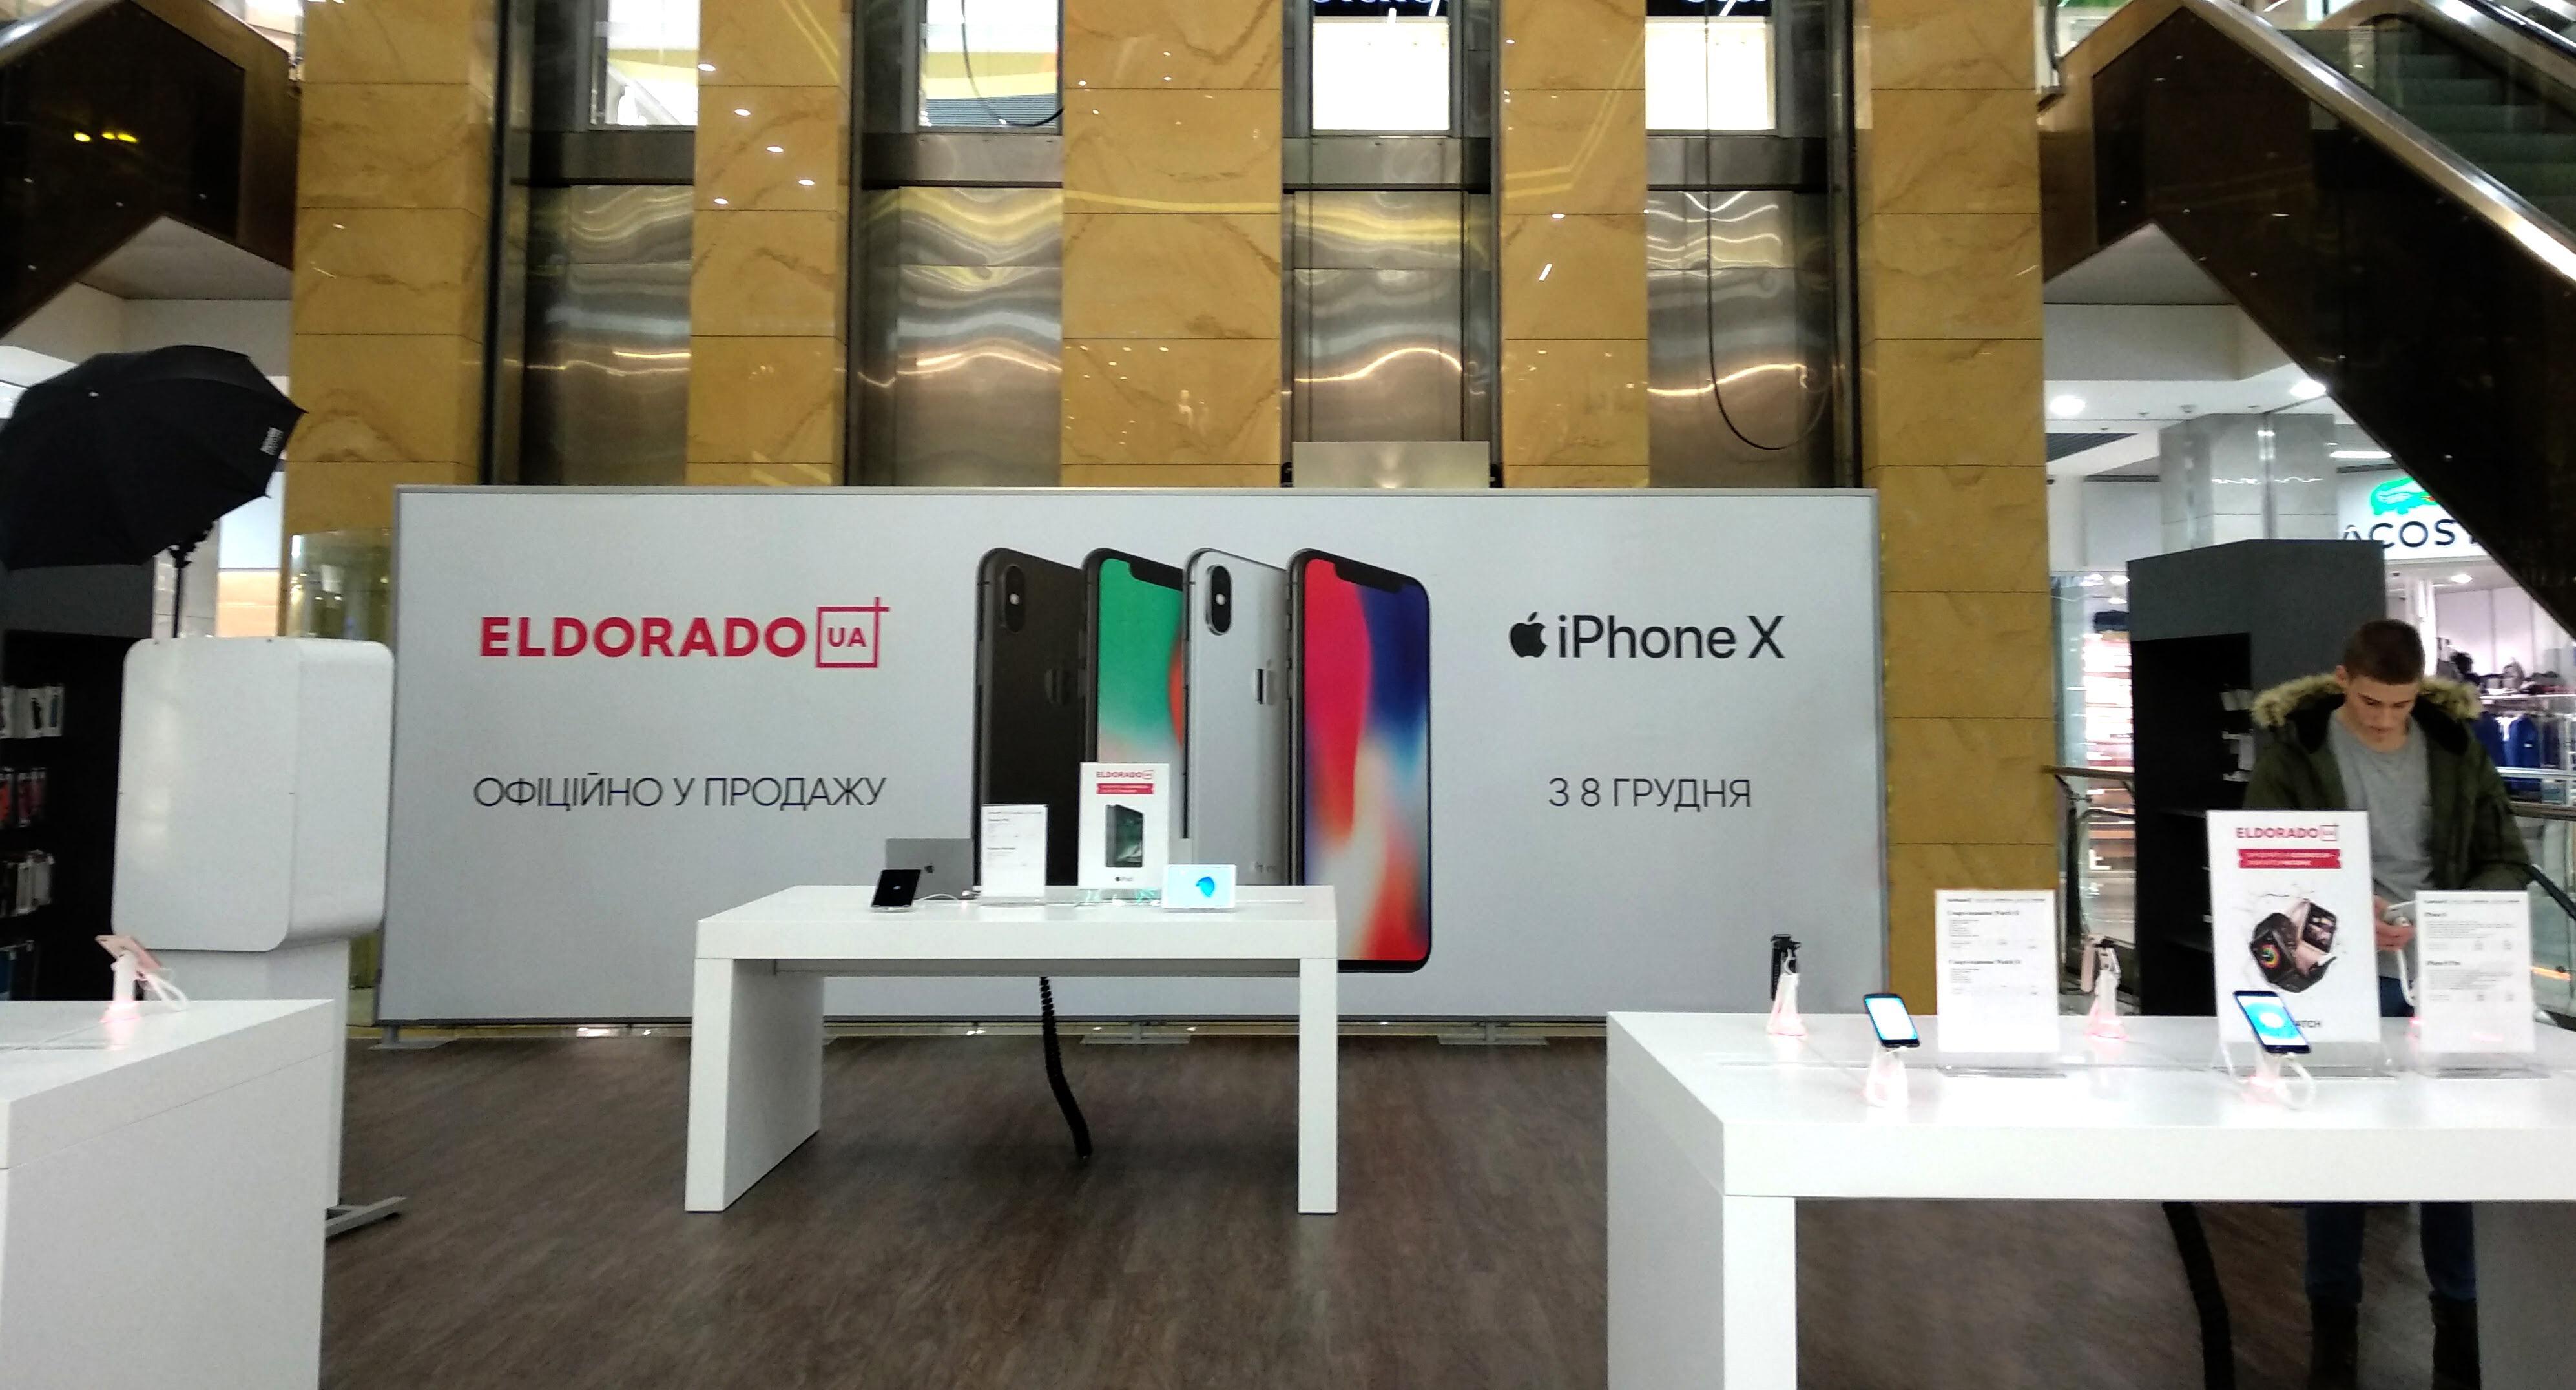 Попробуй первым с Eldorado: последние новинки от Apple уже ждут тебя в ТРЦ «Гулливер»